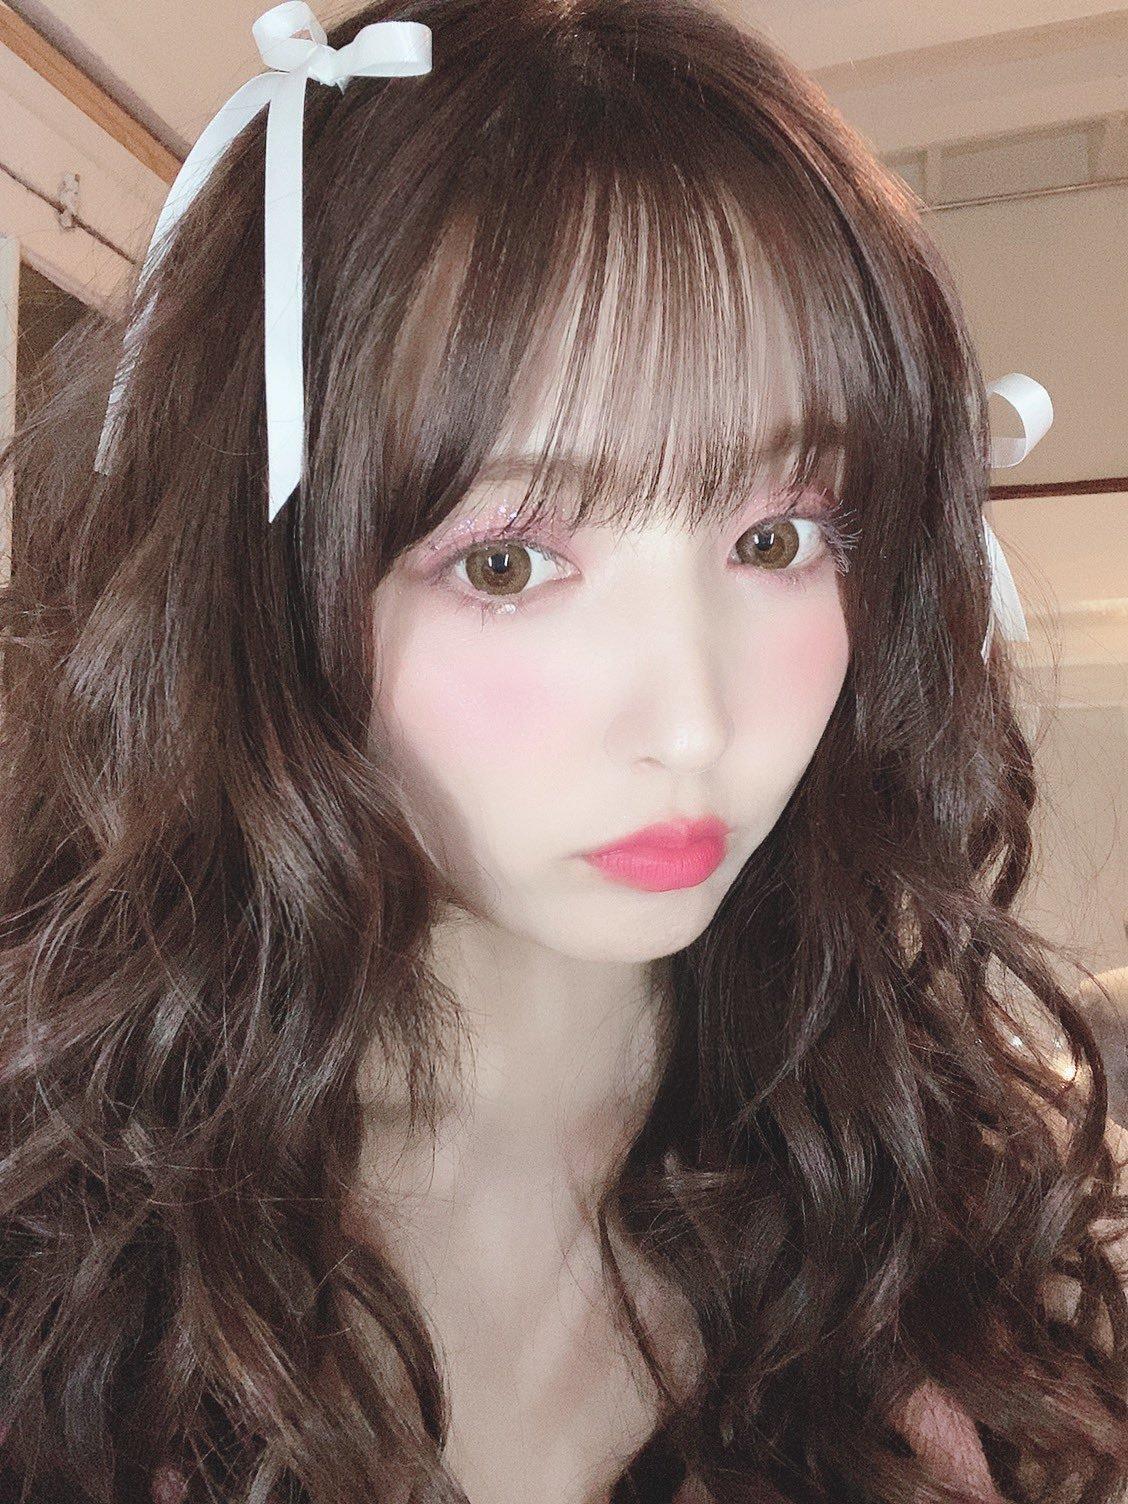 yua_mikami 1268773845286006784_p1